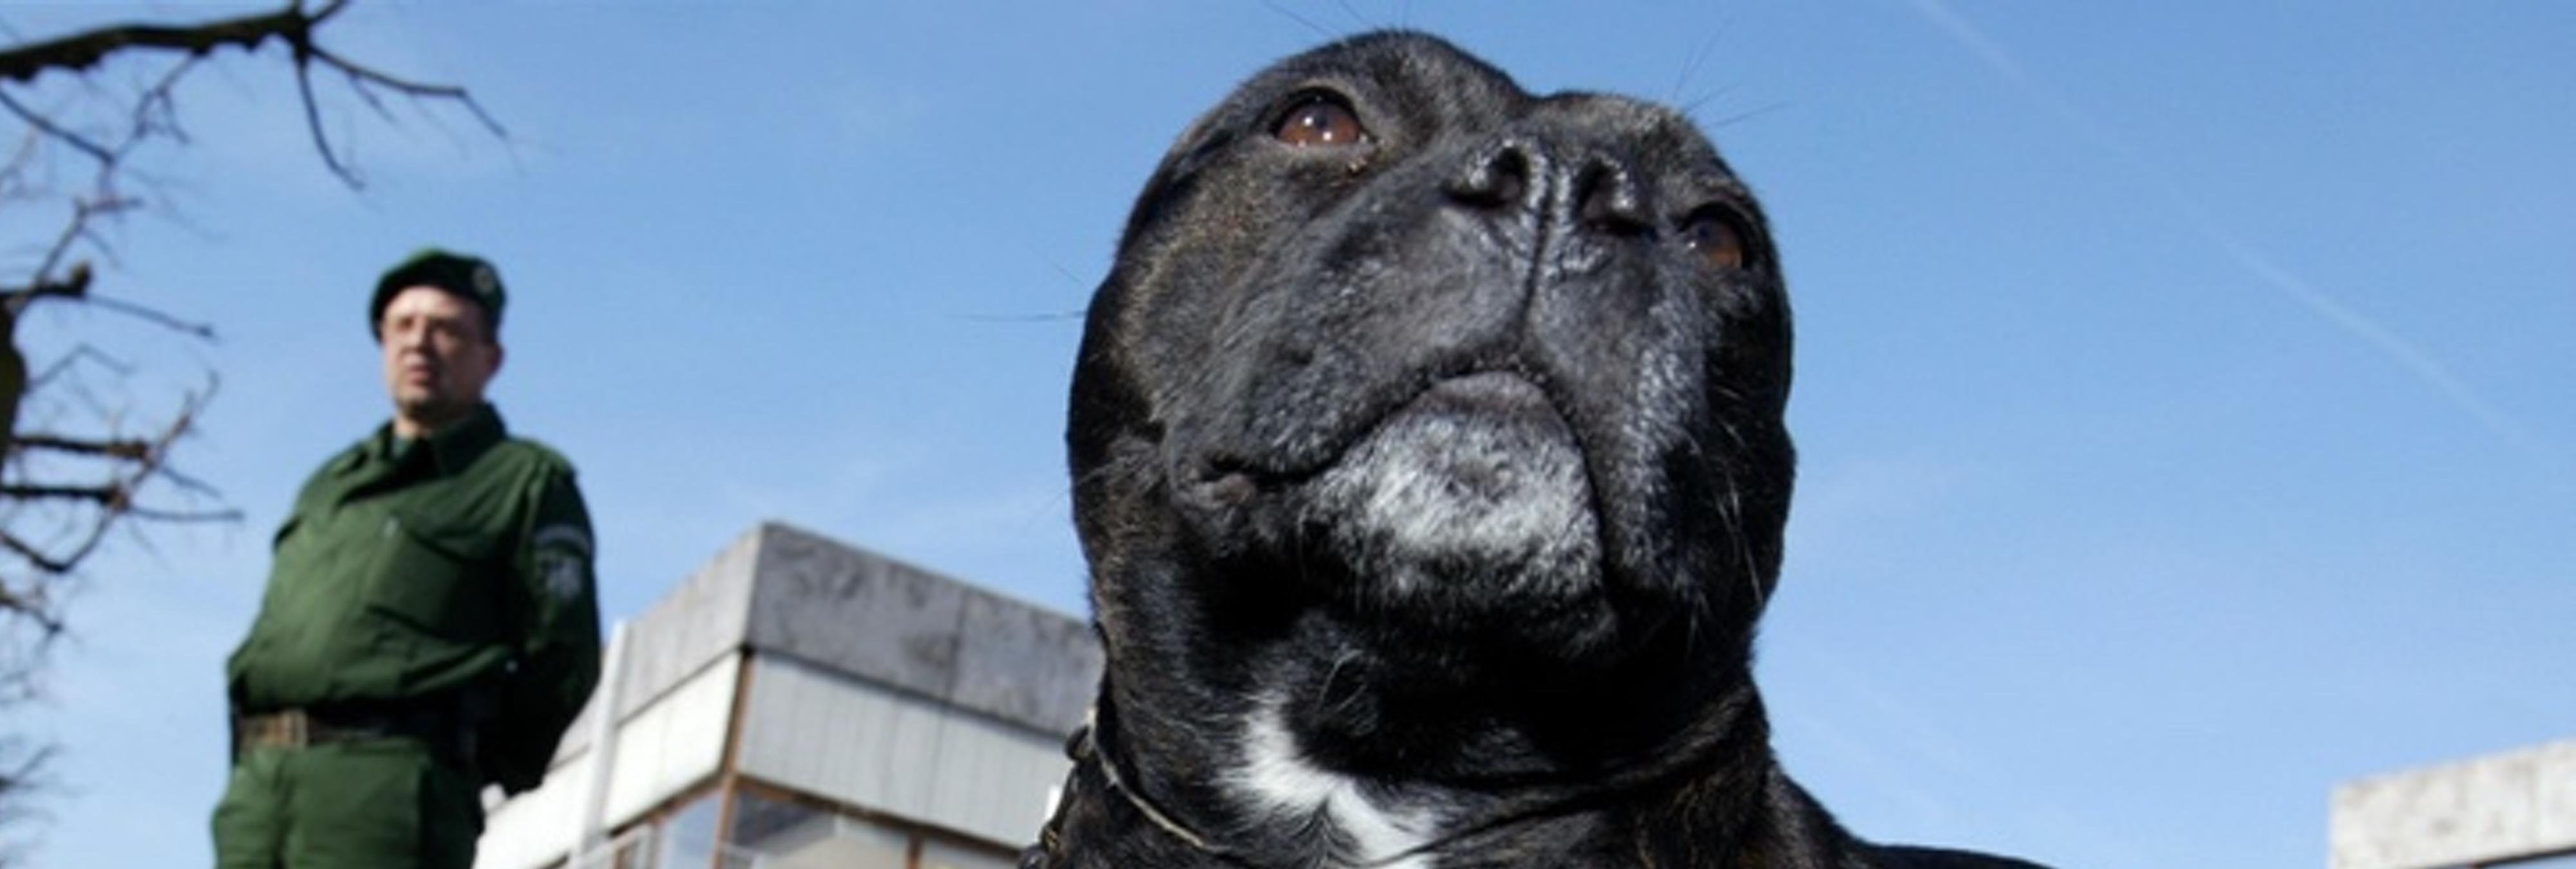 Un perro drogado con coca y morfina mata a su dueño en medio de un vídeo contra las drogas